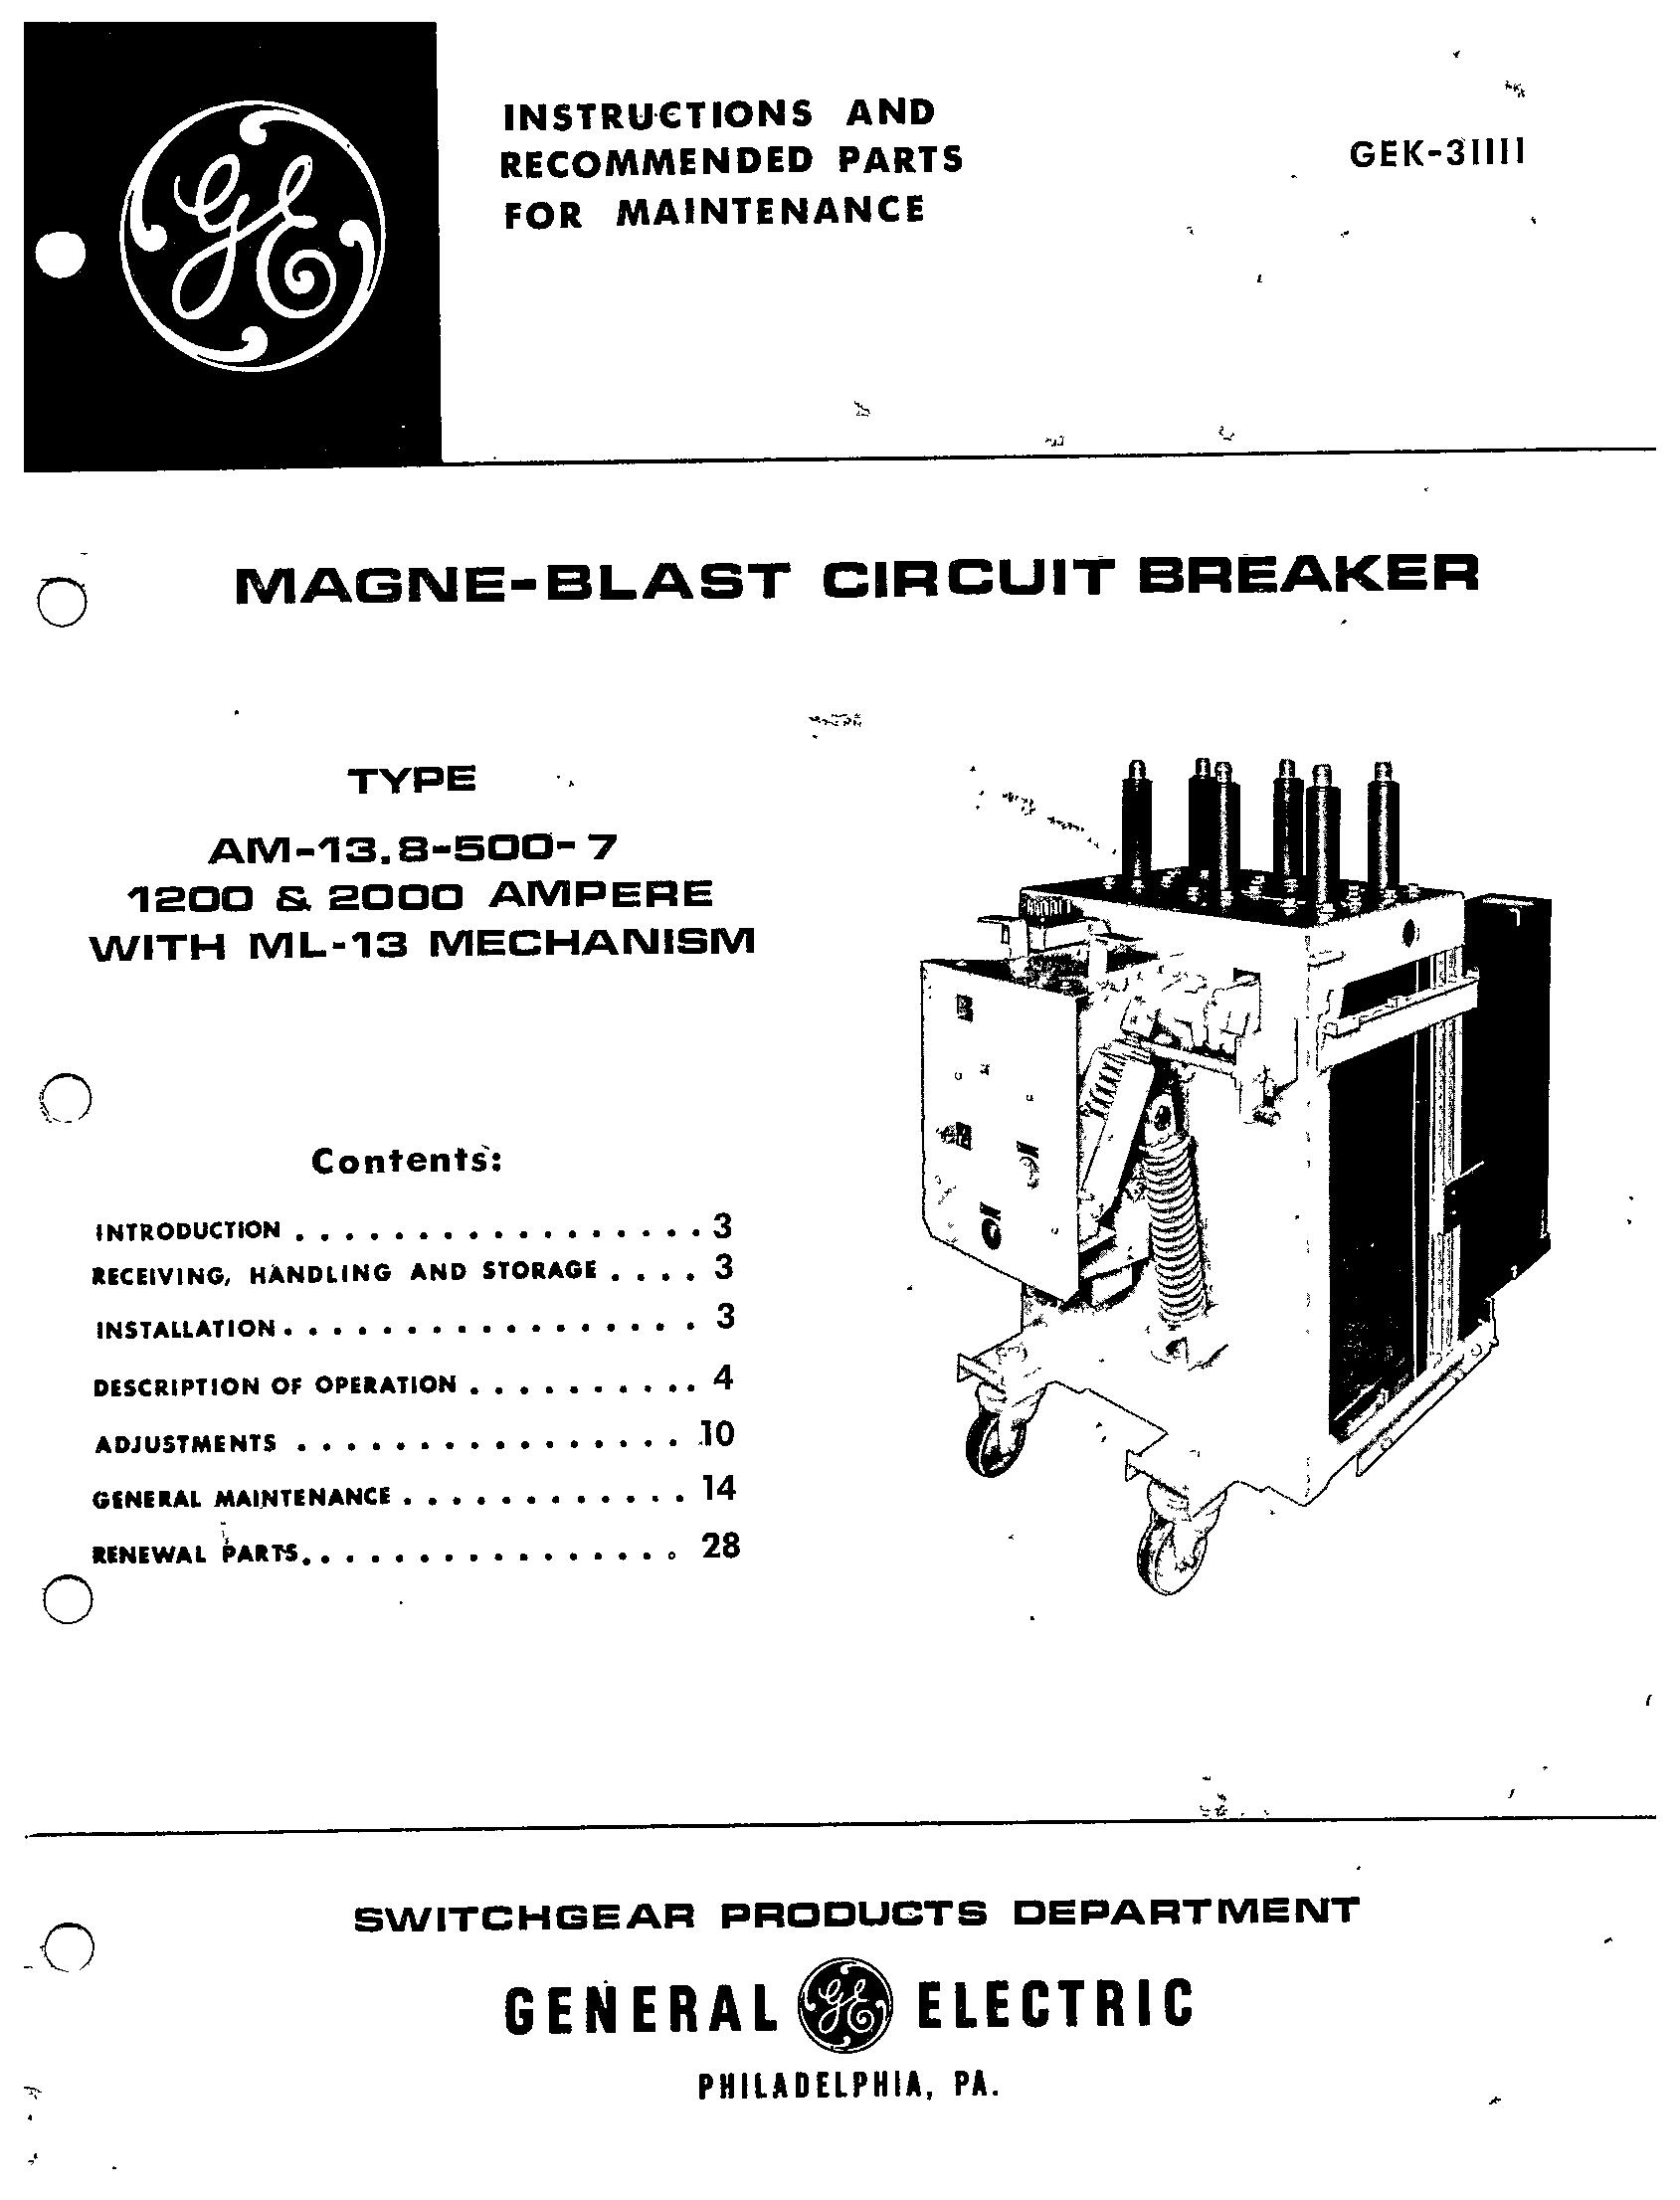 circuit breaker detective 1200 1200